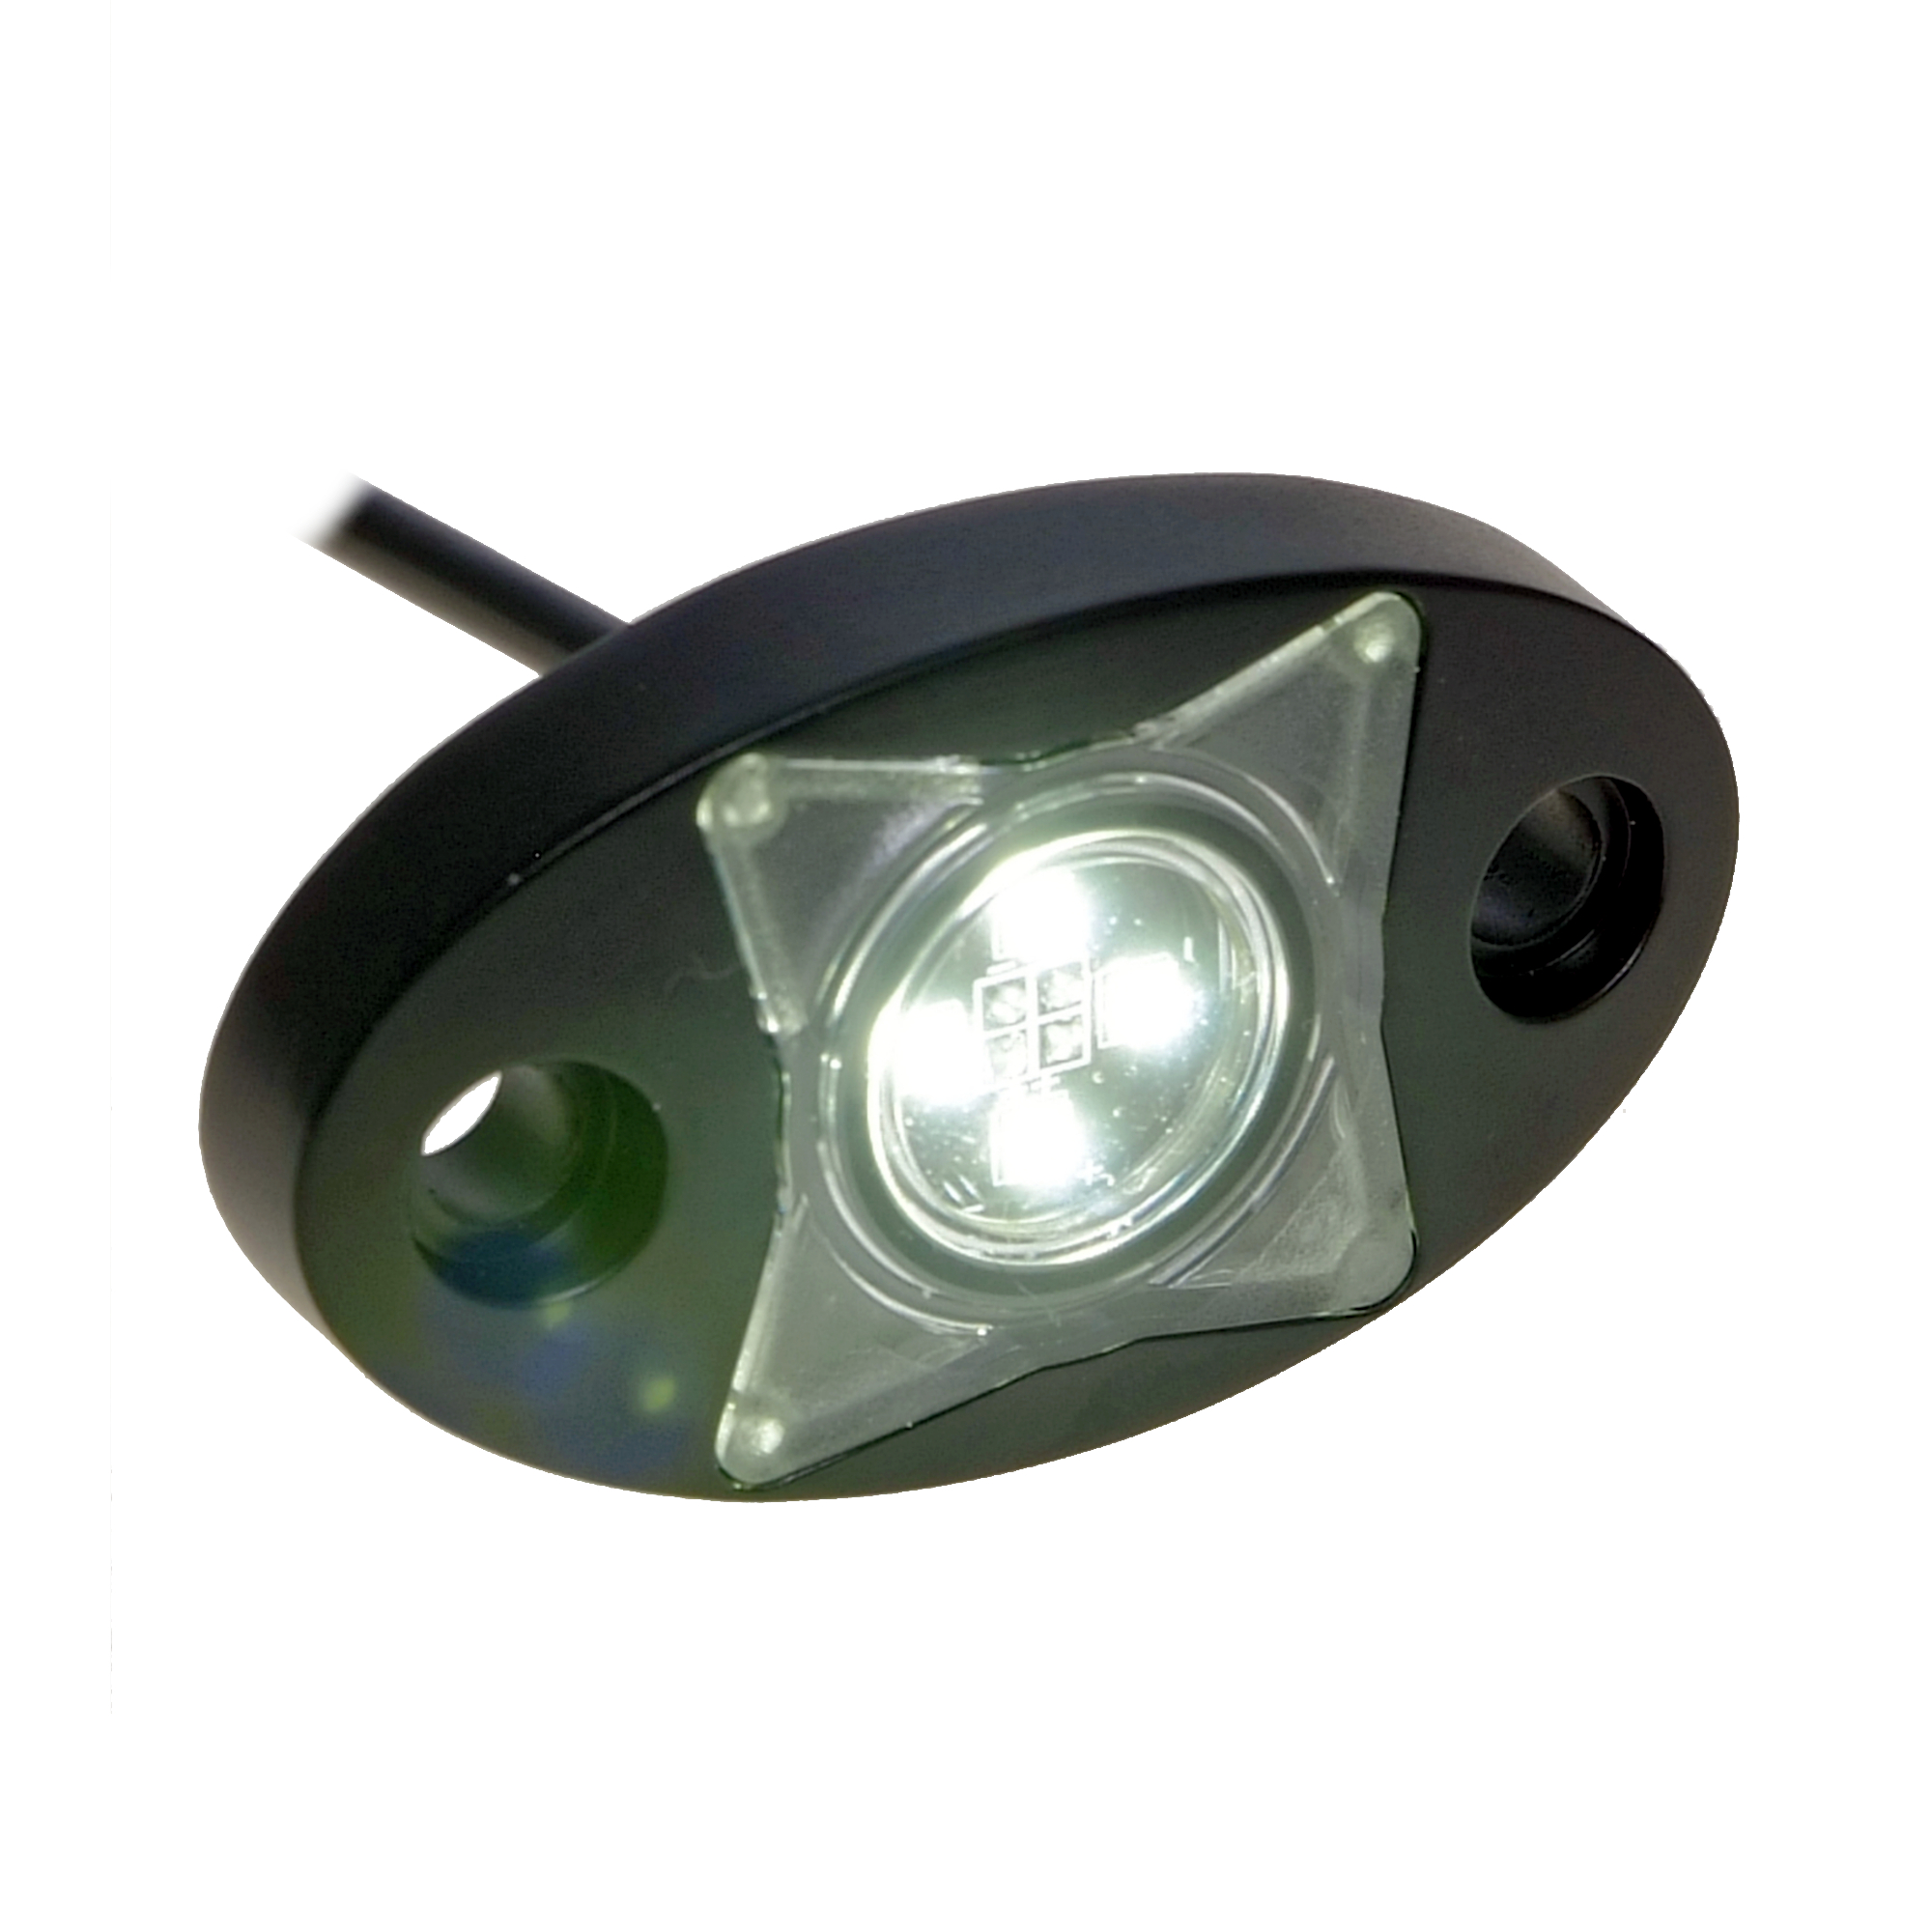 umfeldbeleuchtung led scheinwerfer 12v 24v fahrzeug beleuchtung led martin. Black Bedroom Furniture Sets. Home Design Ideas